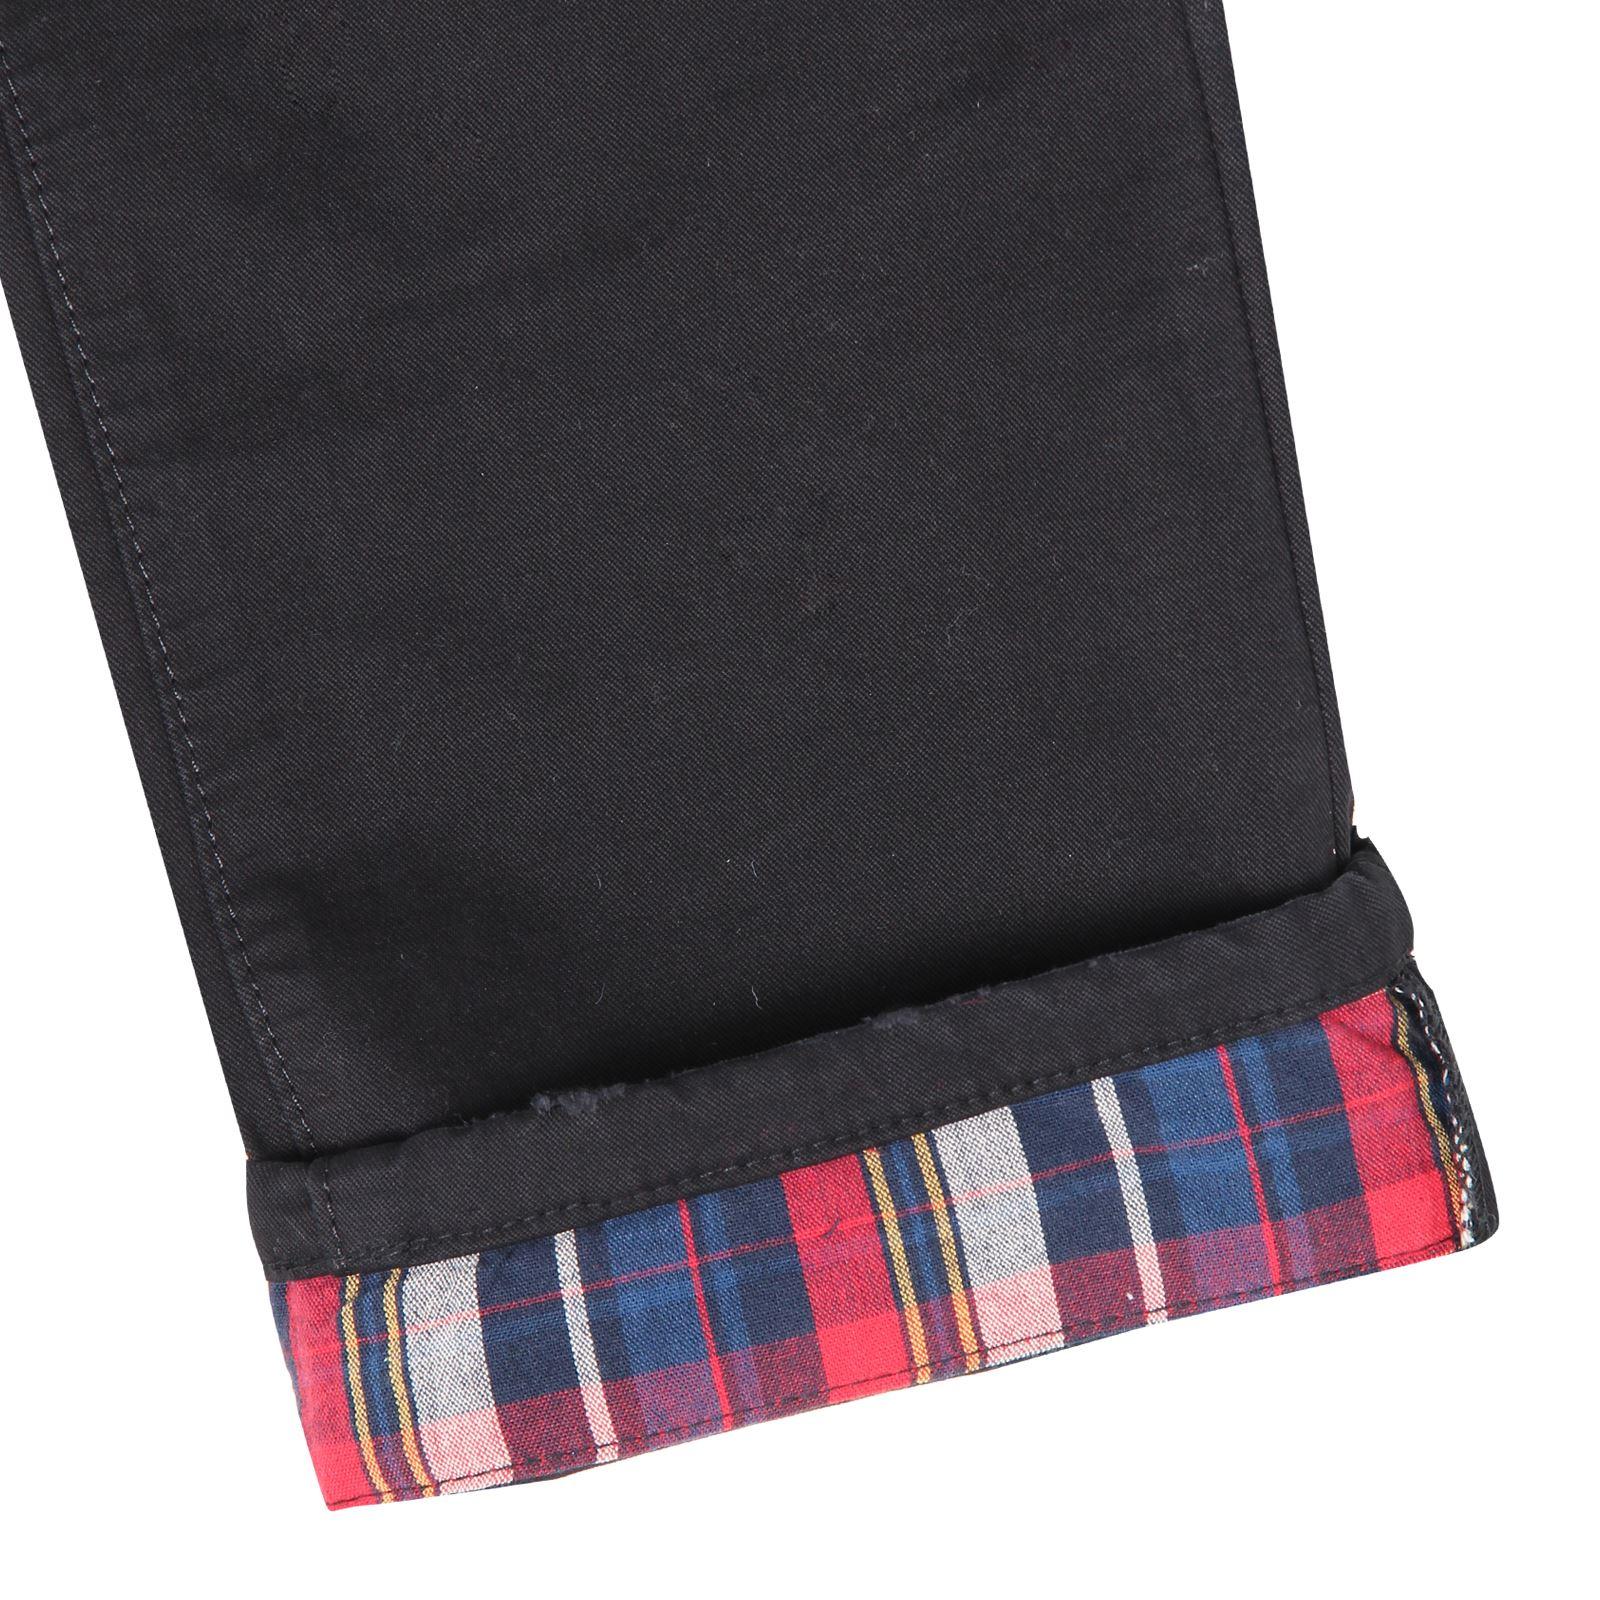 neue herren designer jeanshose jeans schwarze bootcut. Black Bedroom Furniture Sets. Home Design Ideas